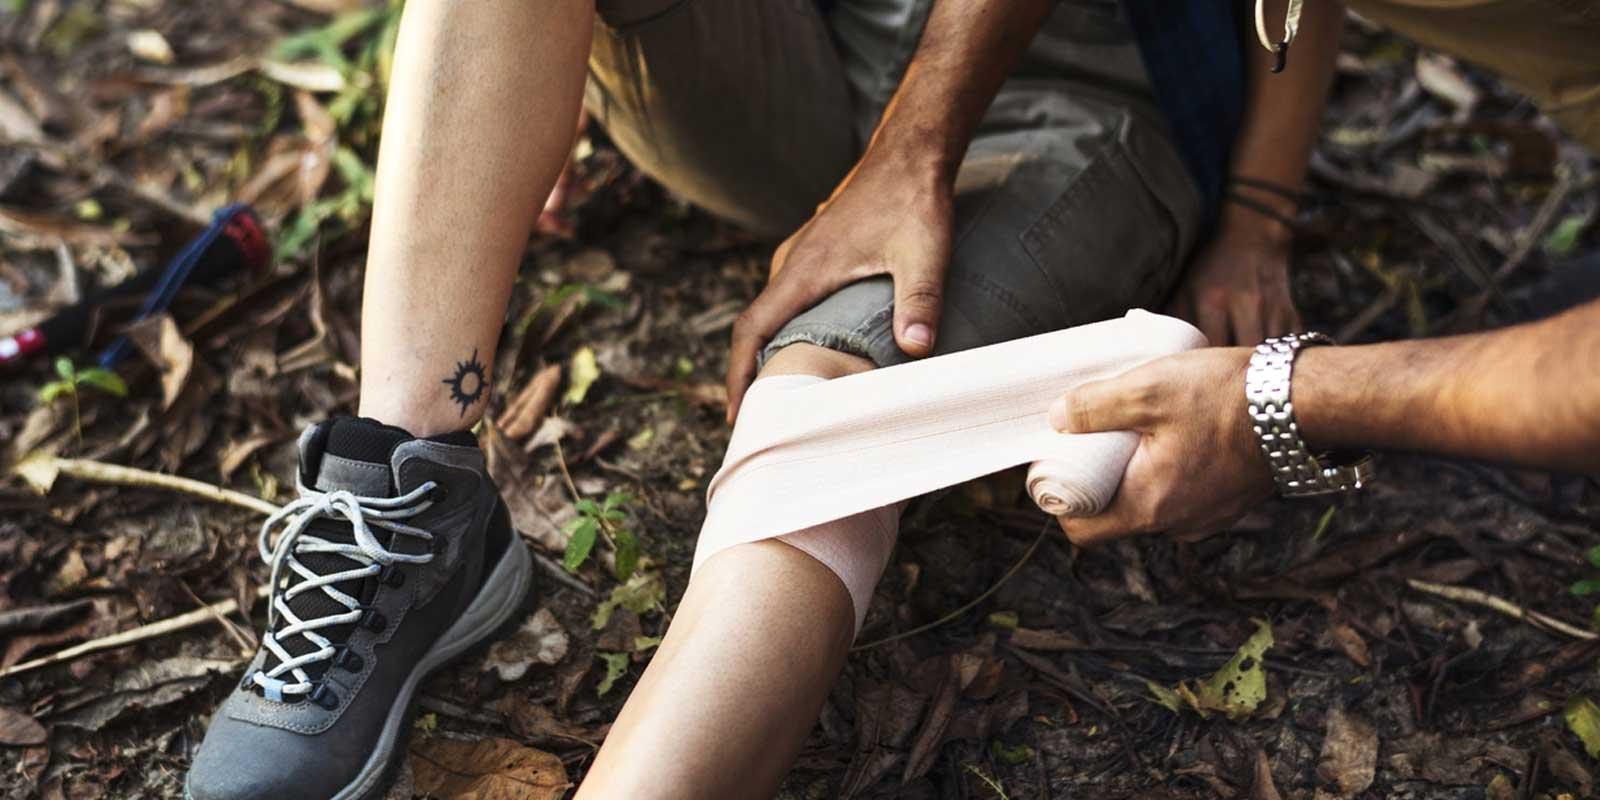 Pierwsza pomoc w terenie – jak zachować się w nagłych wypadkach